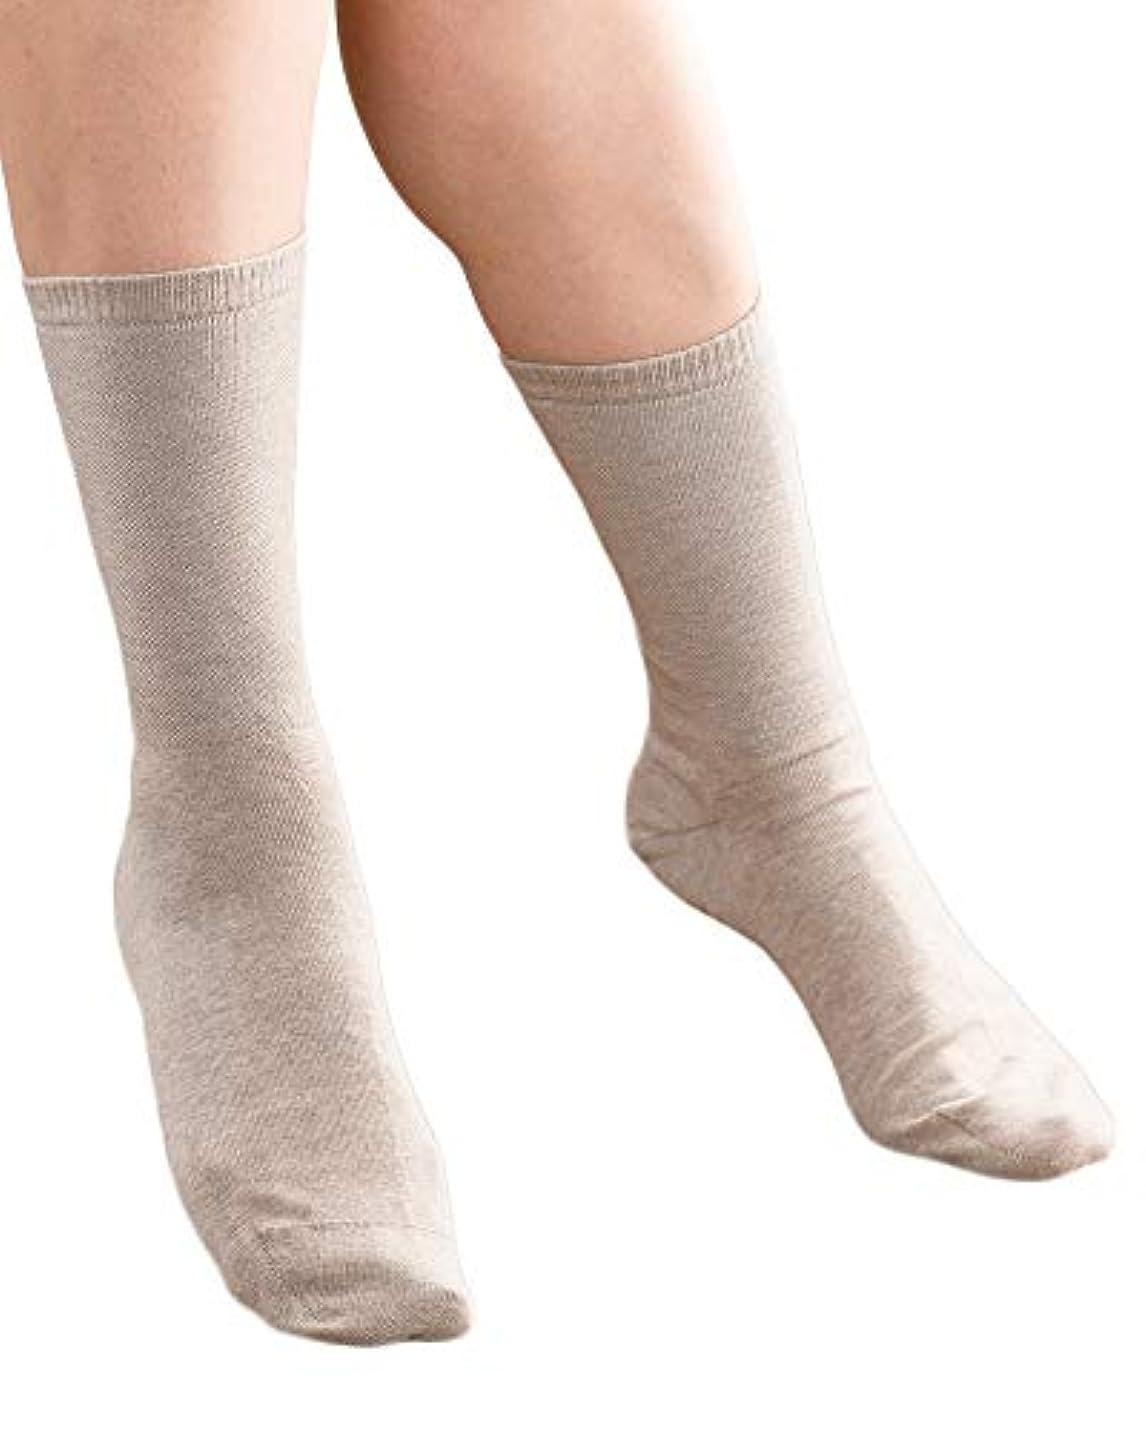 形ハプニング褒賞〈ギロファ ナチュラルライン〉しめつけない靴下 (L, ベージュ)